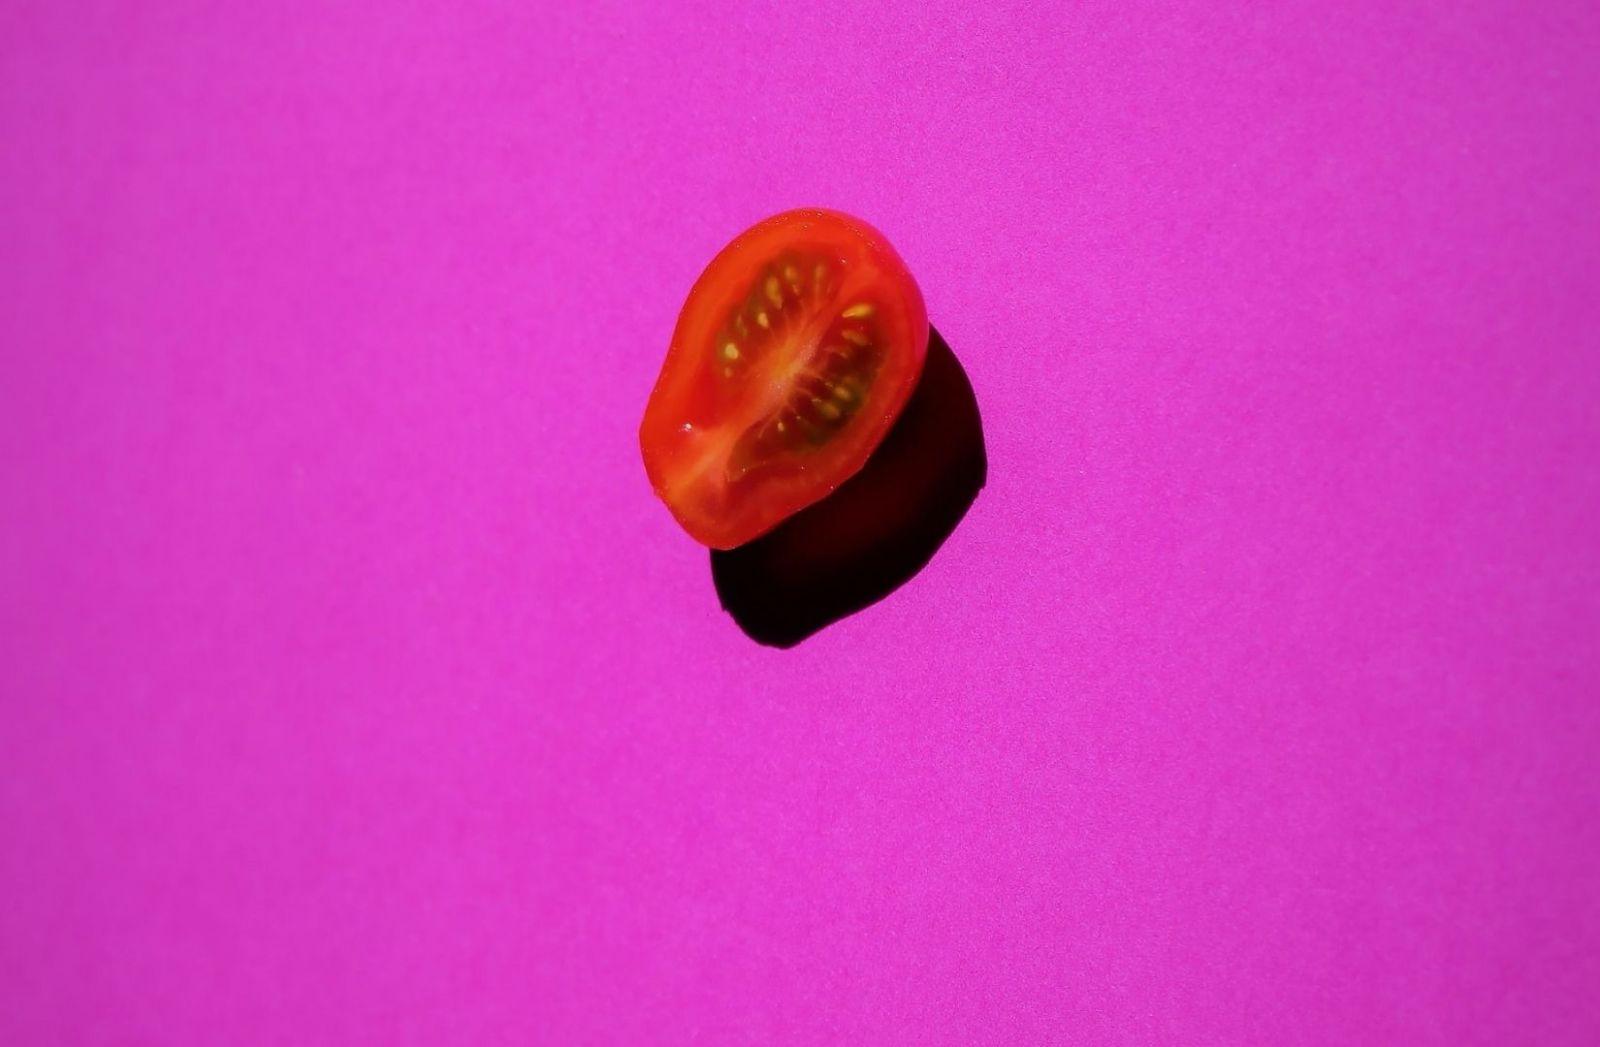 Kann sich Henry Kissinger die Welt als Tomate vorstellen. (Foto: Anne Nygard, Unsplash.com)